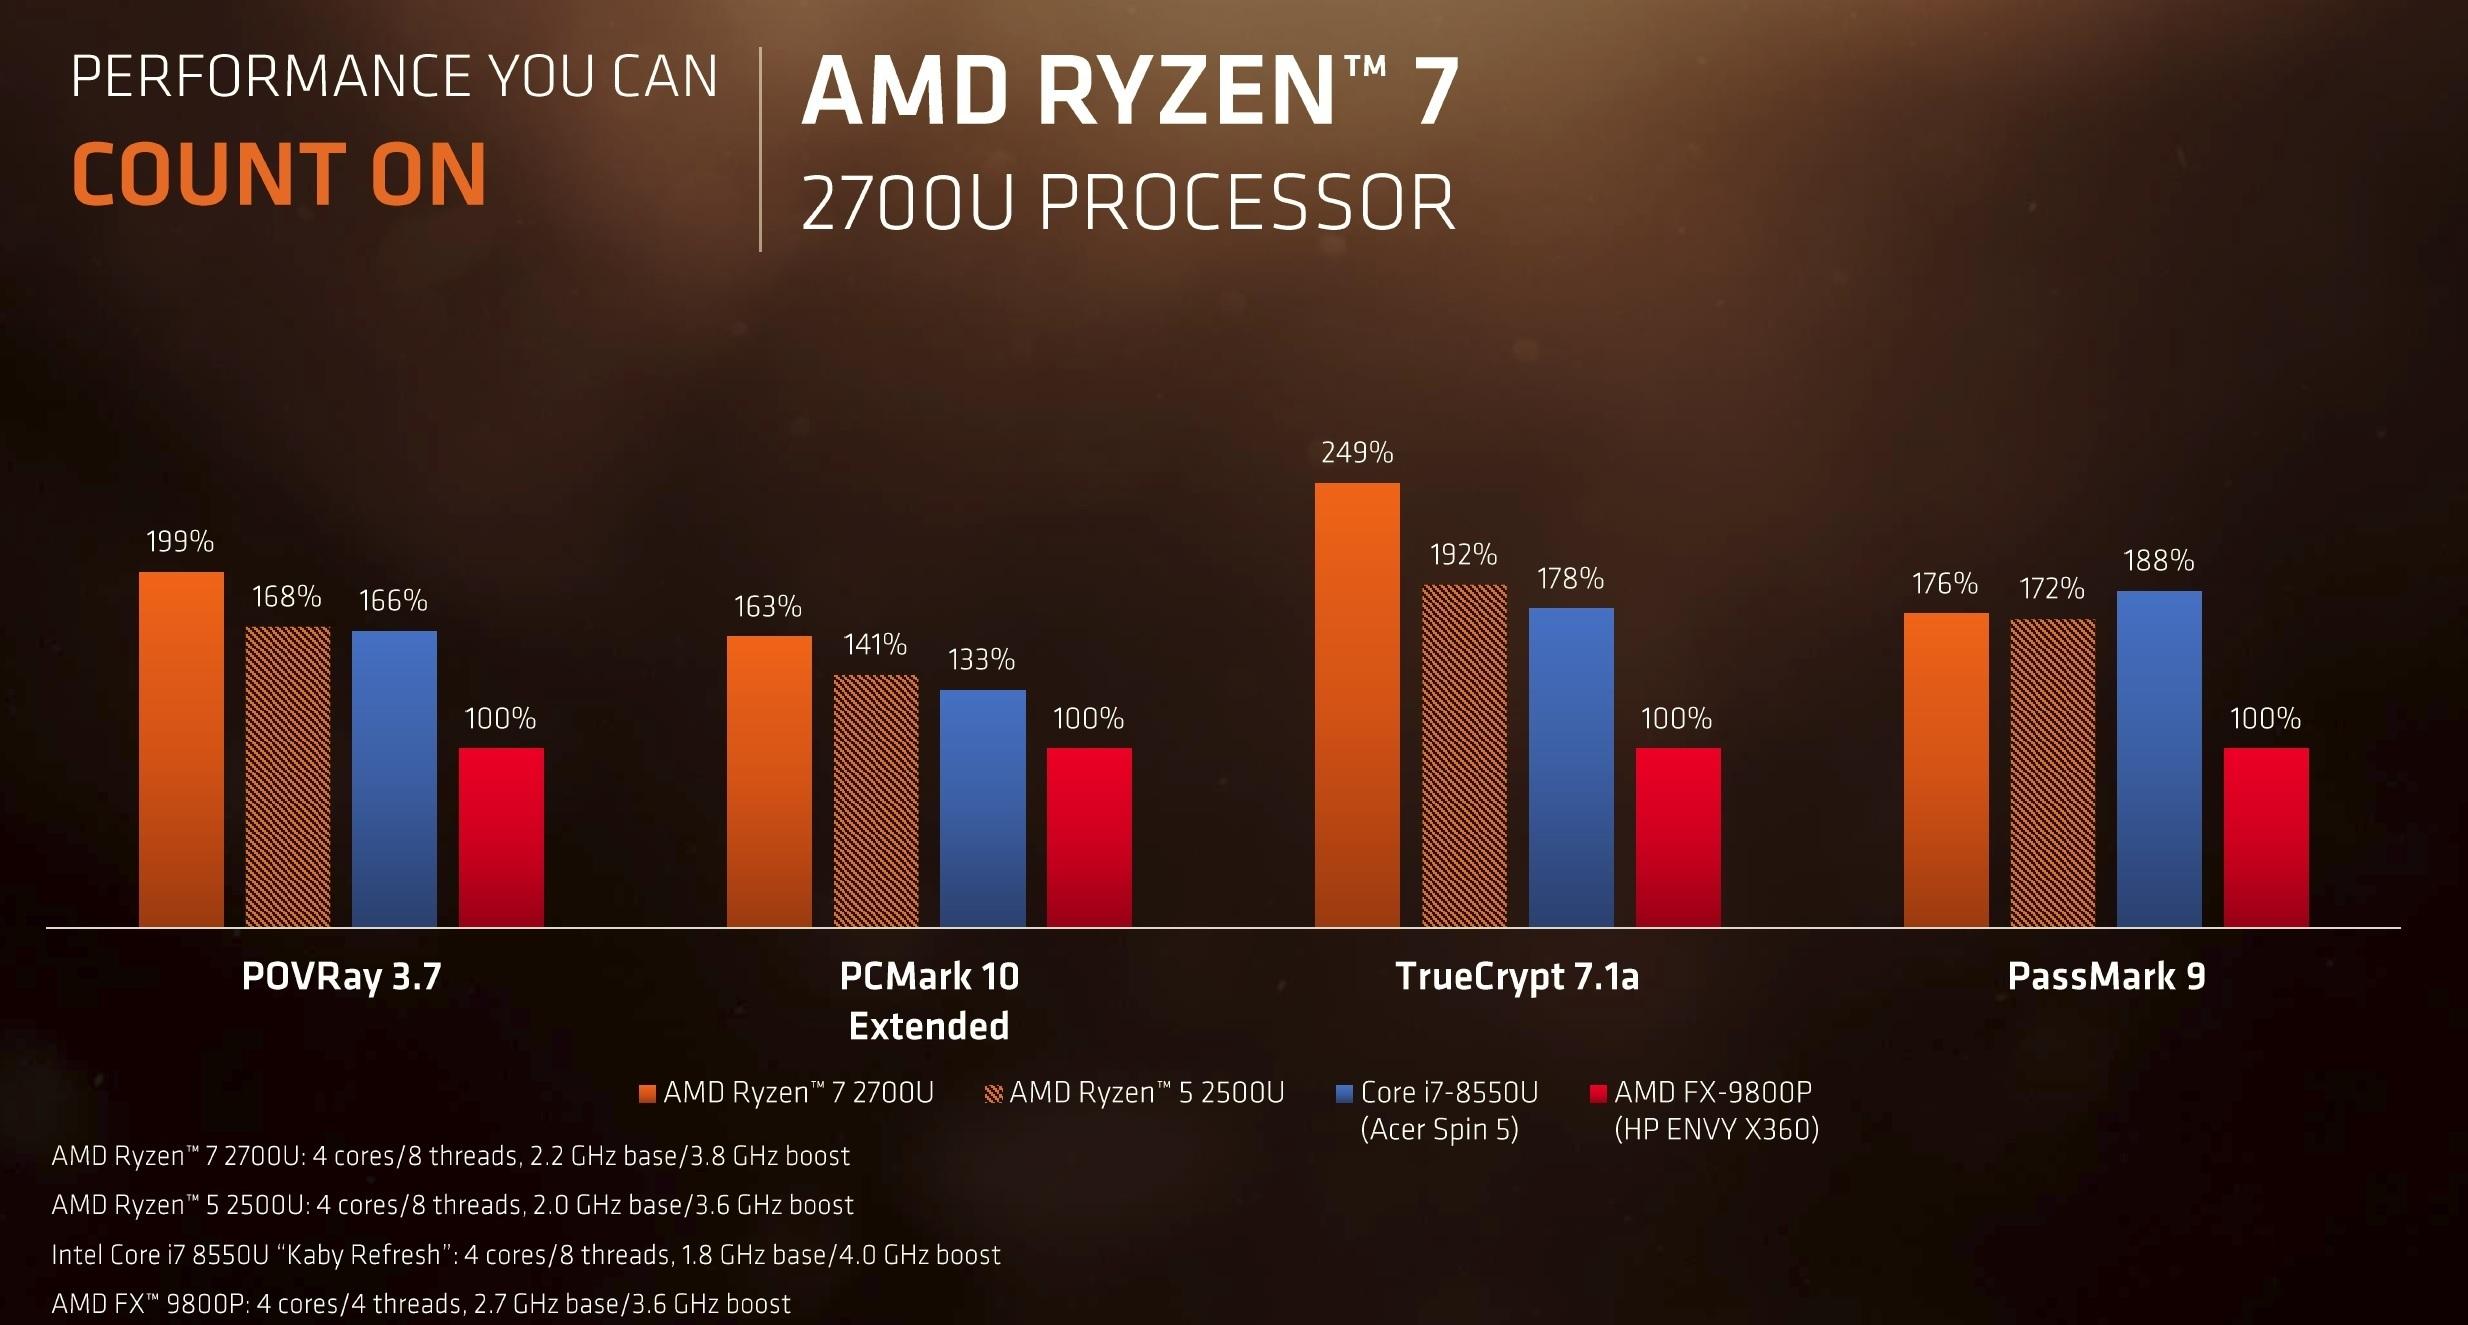 AMD는 또 성능에 대한 주장을 증명하기 위해 4개 벤치마크에서의 새 라이젠 7 성능 비교 결과를 공개했다.